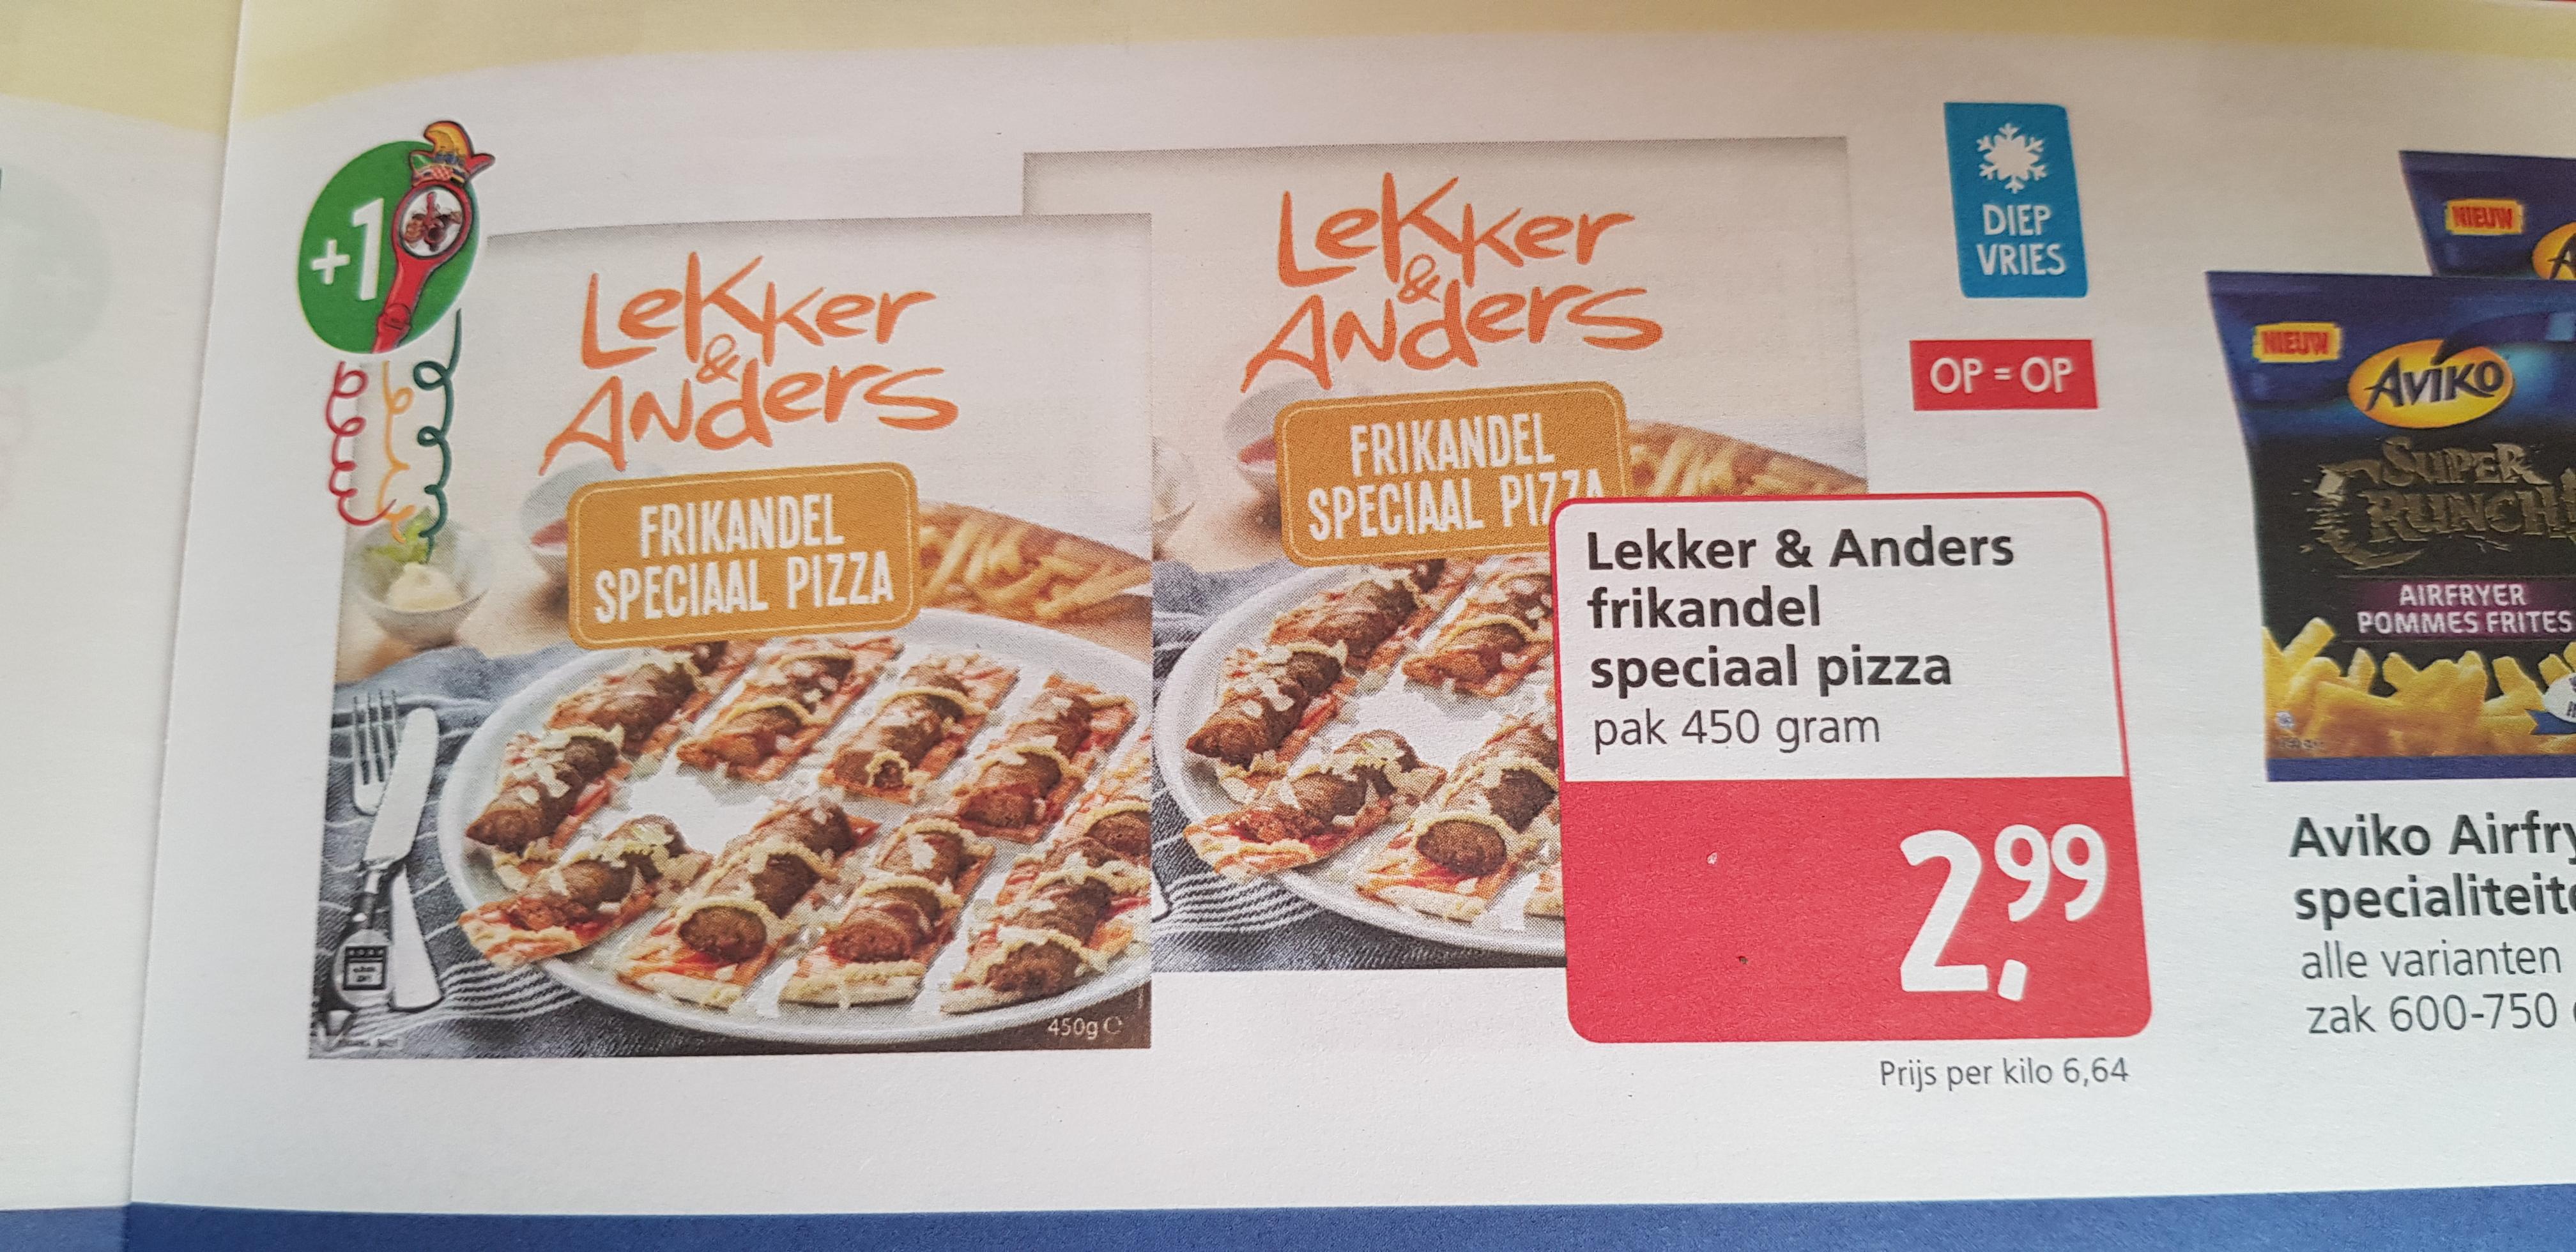 Lekker & Anders Frikandel speciaal pizza @ Jan Linders